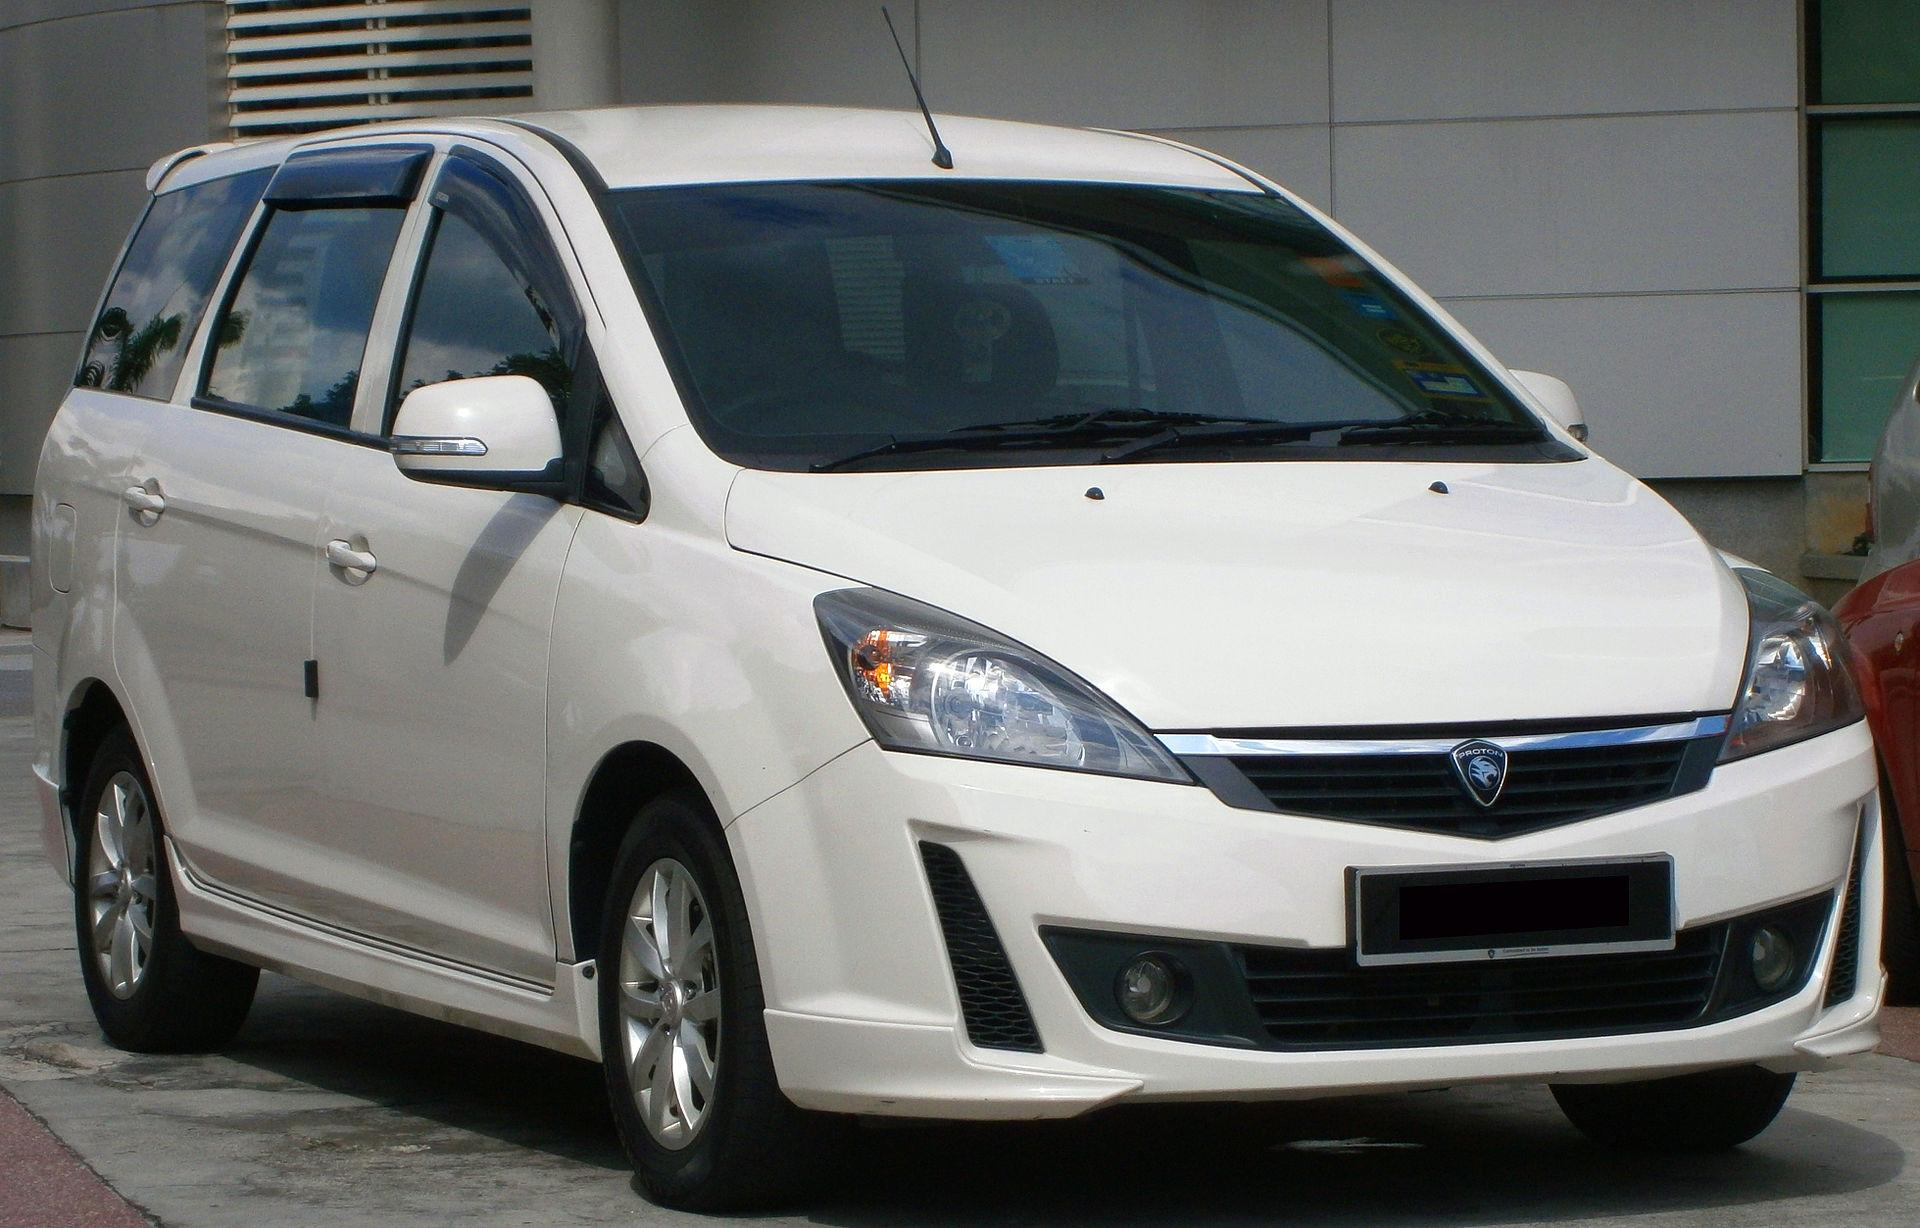 インドネシア人はマレーシア車が大好きで、それは安くて信頼できるからです。 マレーシアのエンジニアリングは方法を知っており、エンジニアリングカレッジも優れています。インドネシア人はマレーシアほどの国営のエンジニアリング会社を持っていませんでした。 面白いことに、マレーシアの車はインドネシアの組み立てられた日本のブランド車よりも安いです。